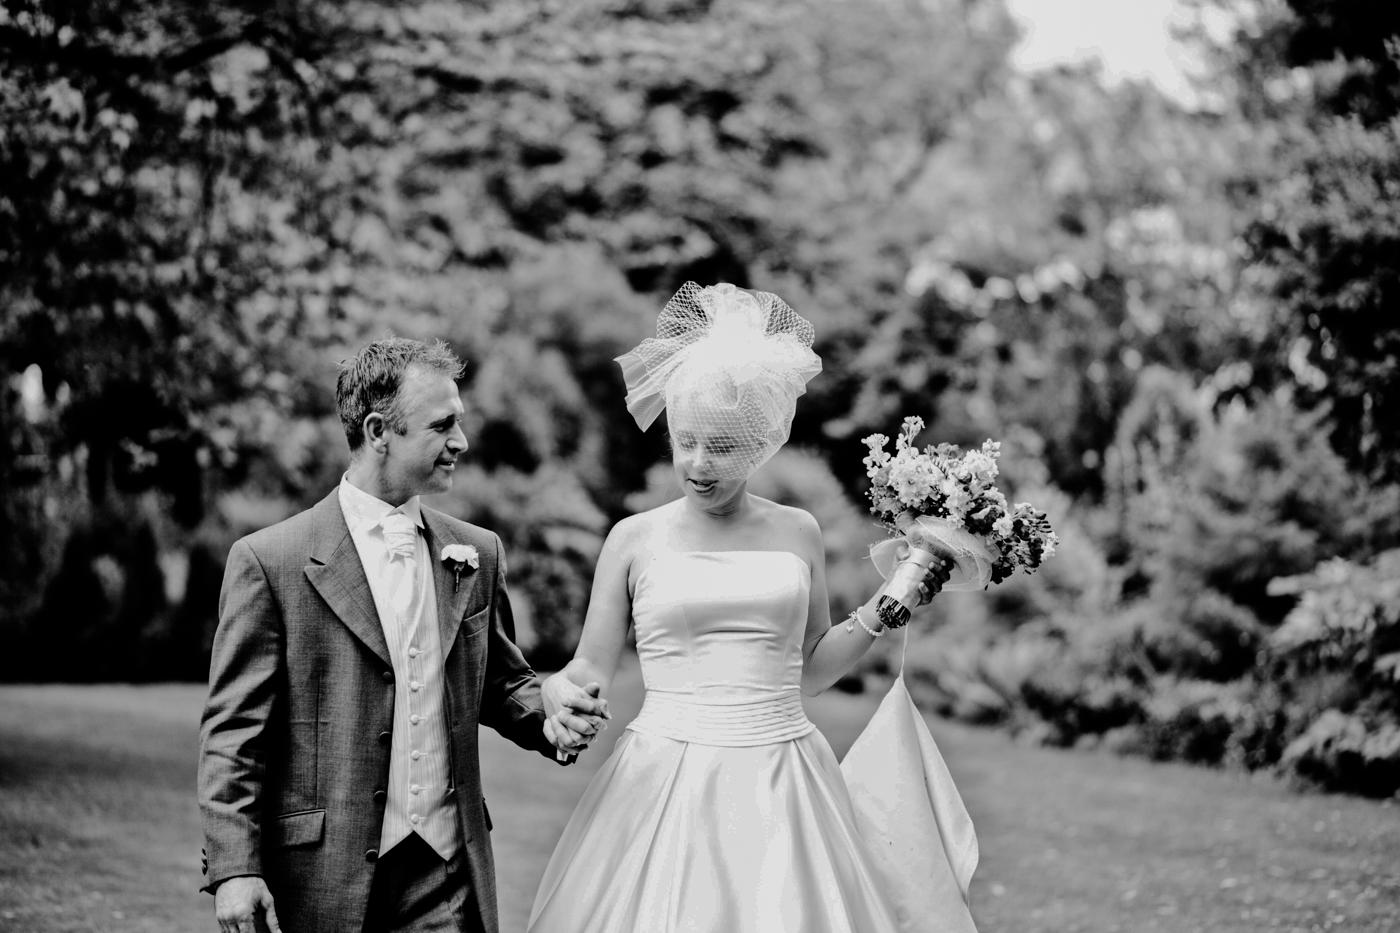 169 Keedy and Carl at The Secret Garden in Retford  - Wedding Photography by Mark Pugh www.markpugh.com_.jpg